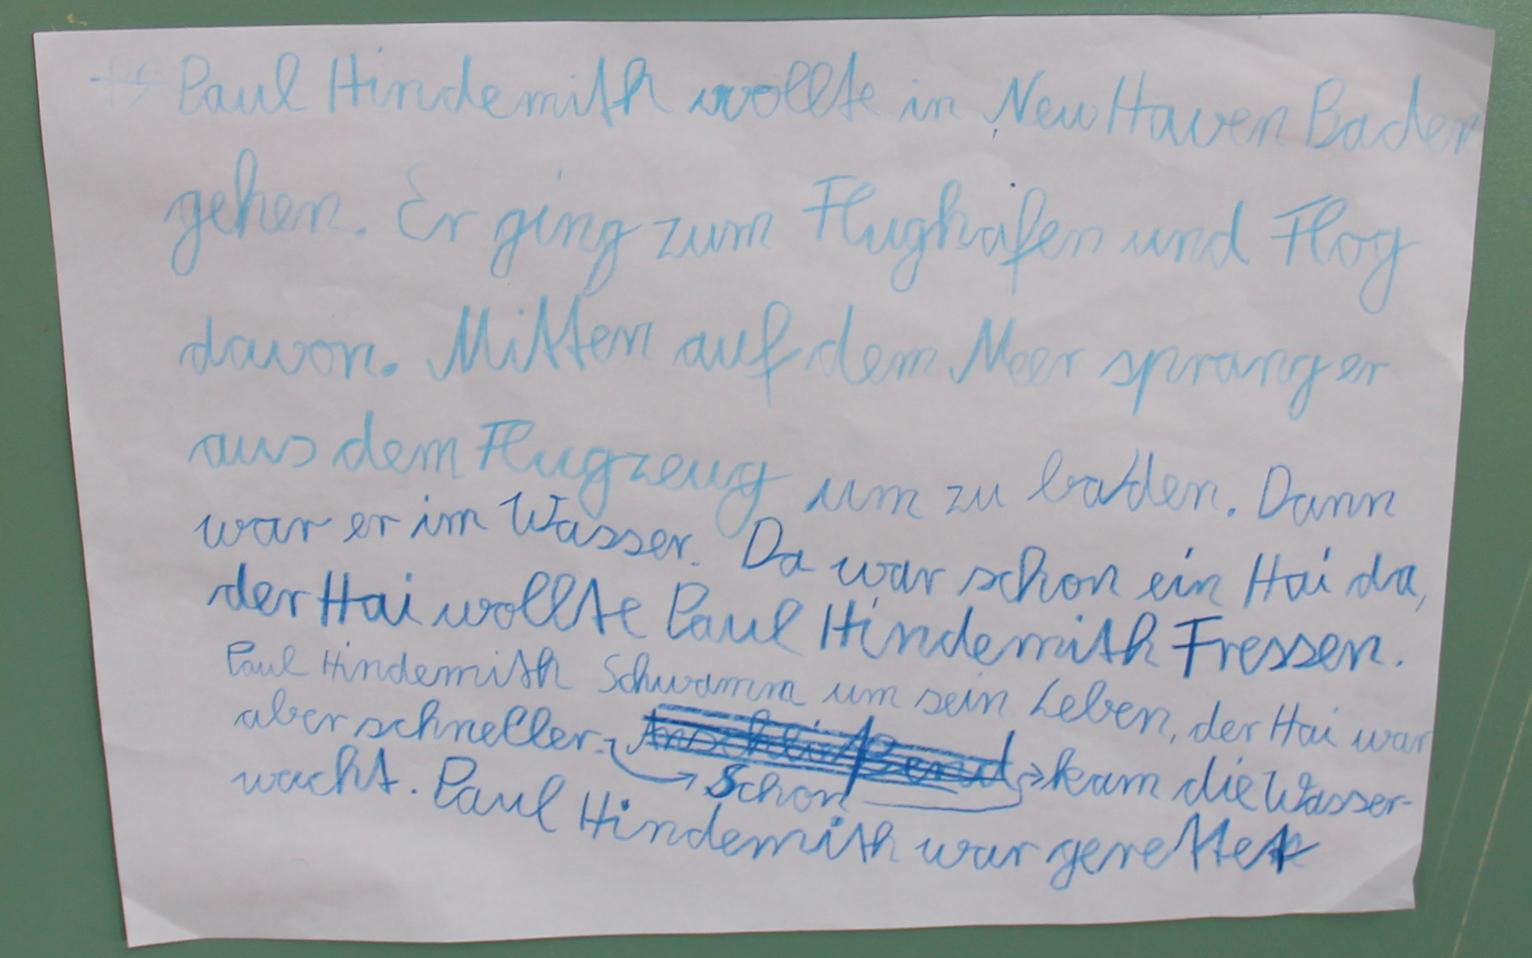 Geschichte über Paul Hindemith